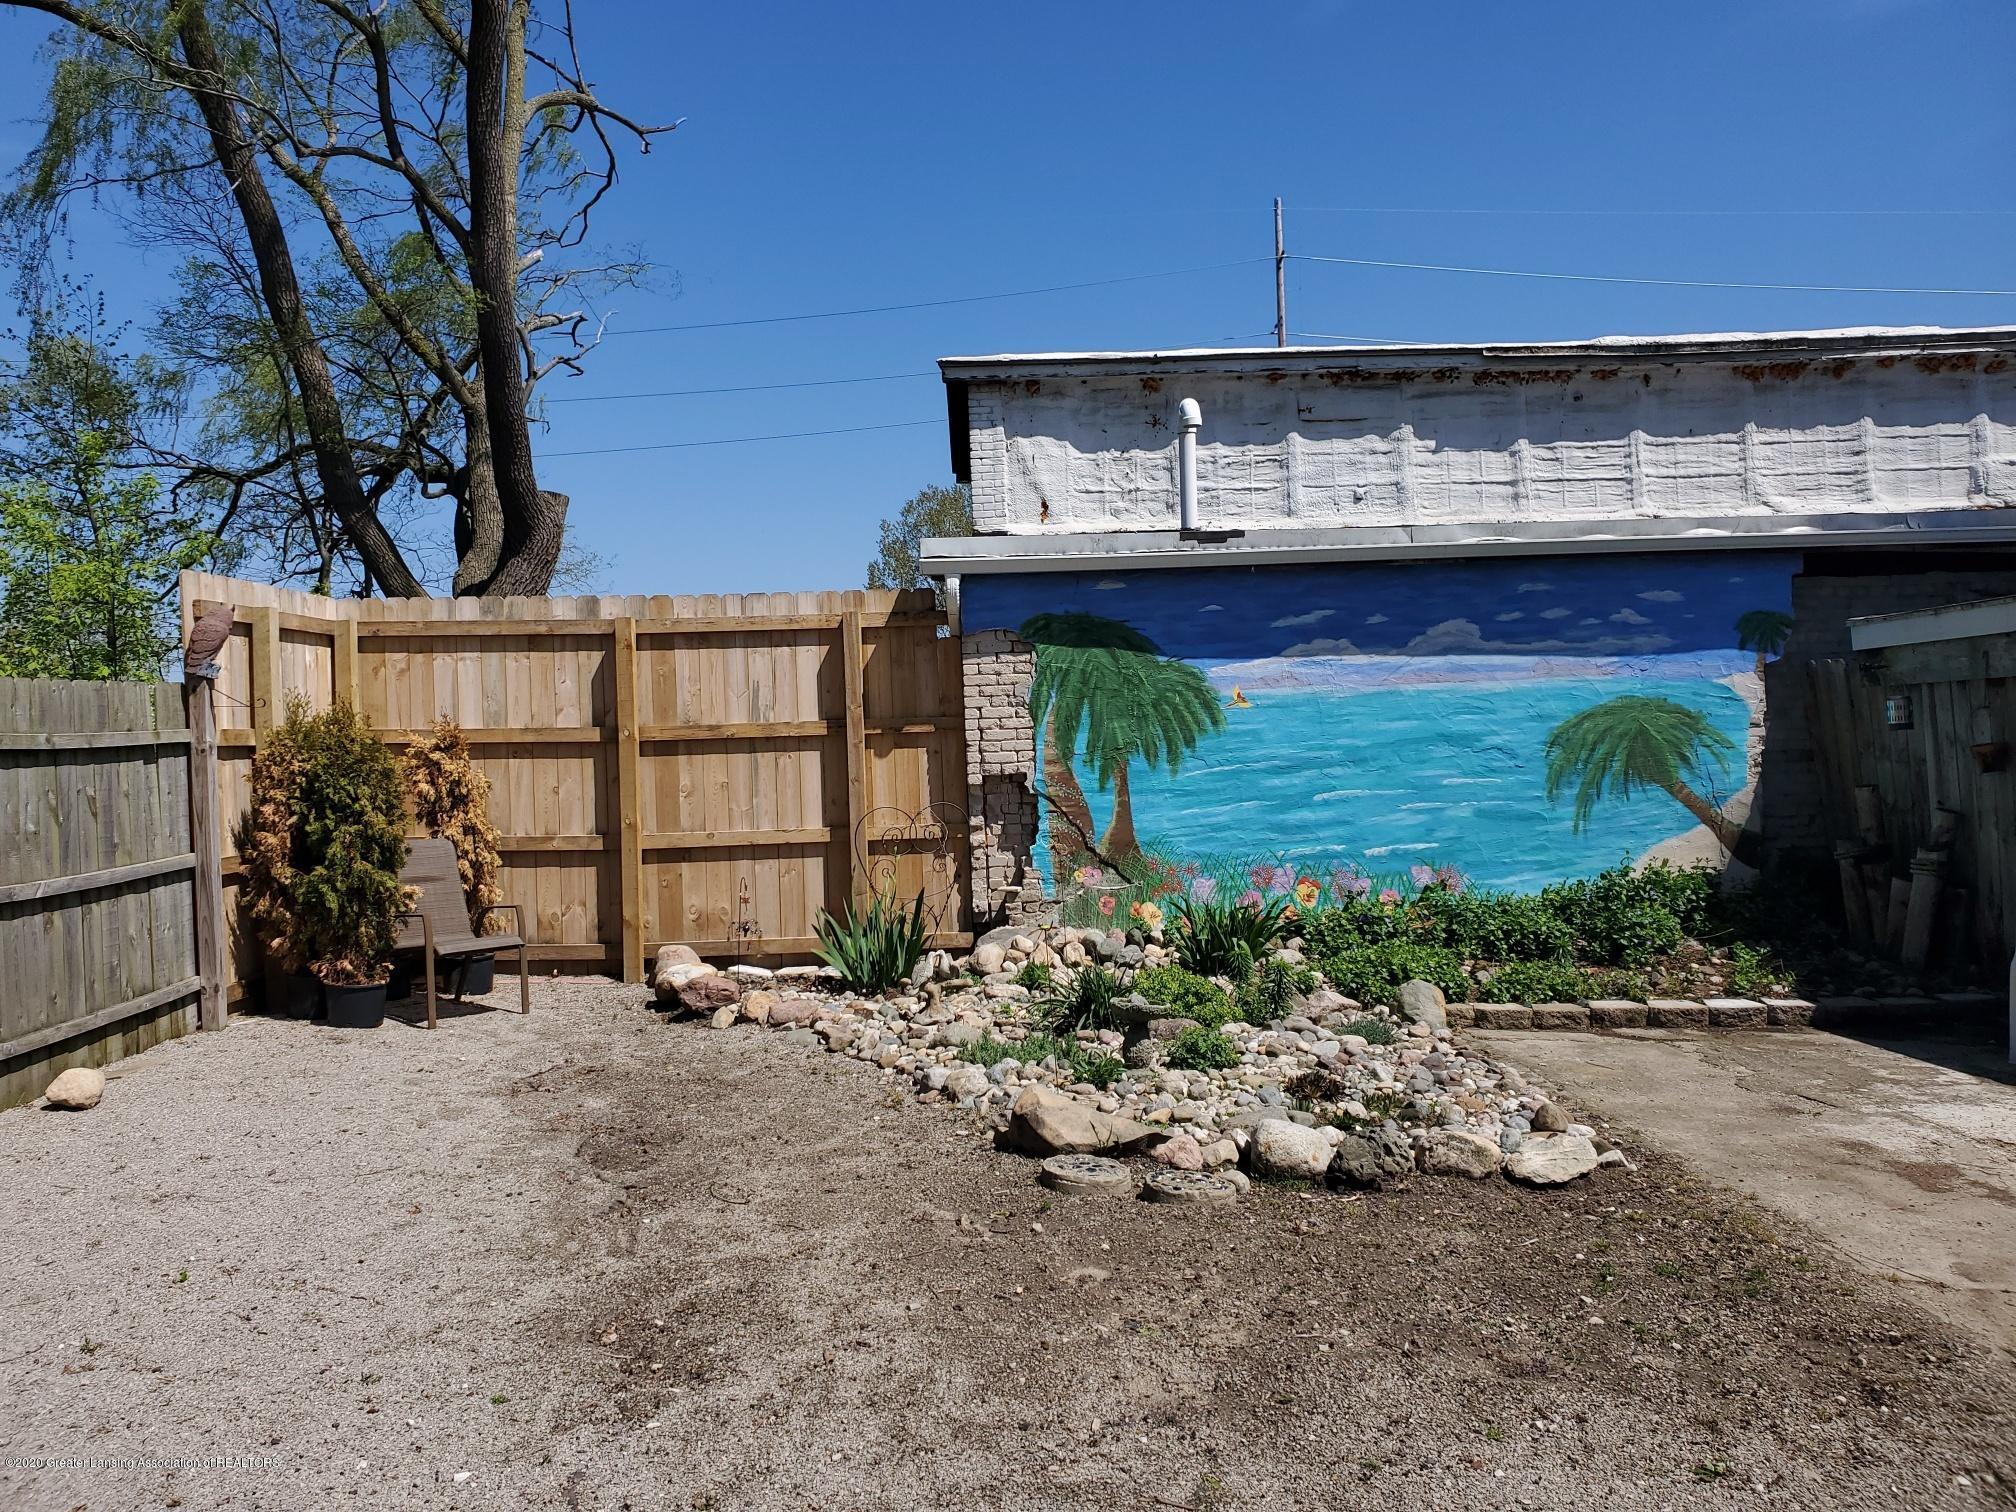 128 Island Ave - 20200520_114645_resized_1 - 35